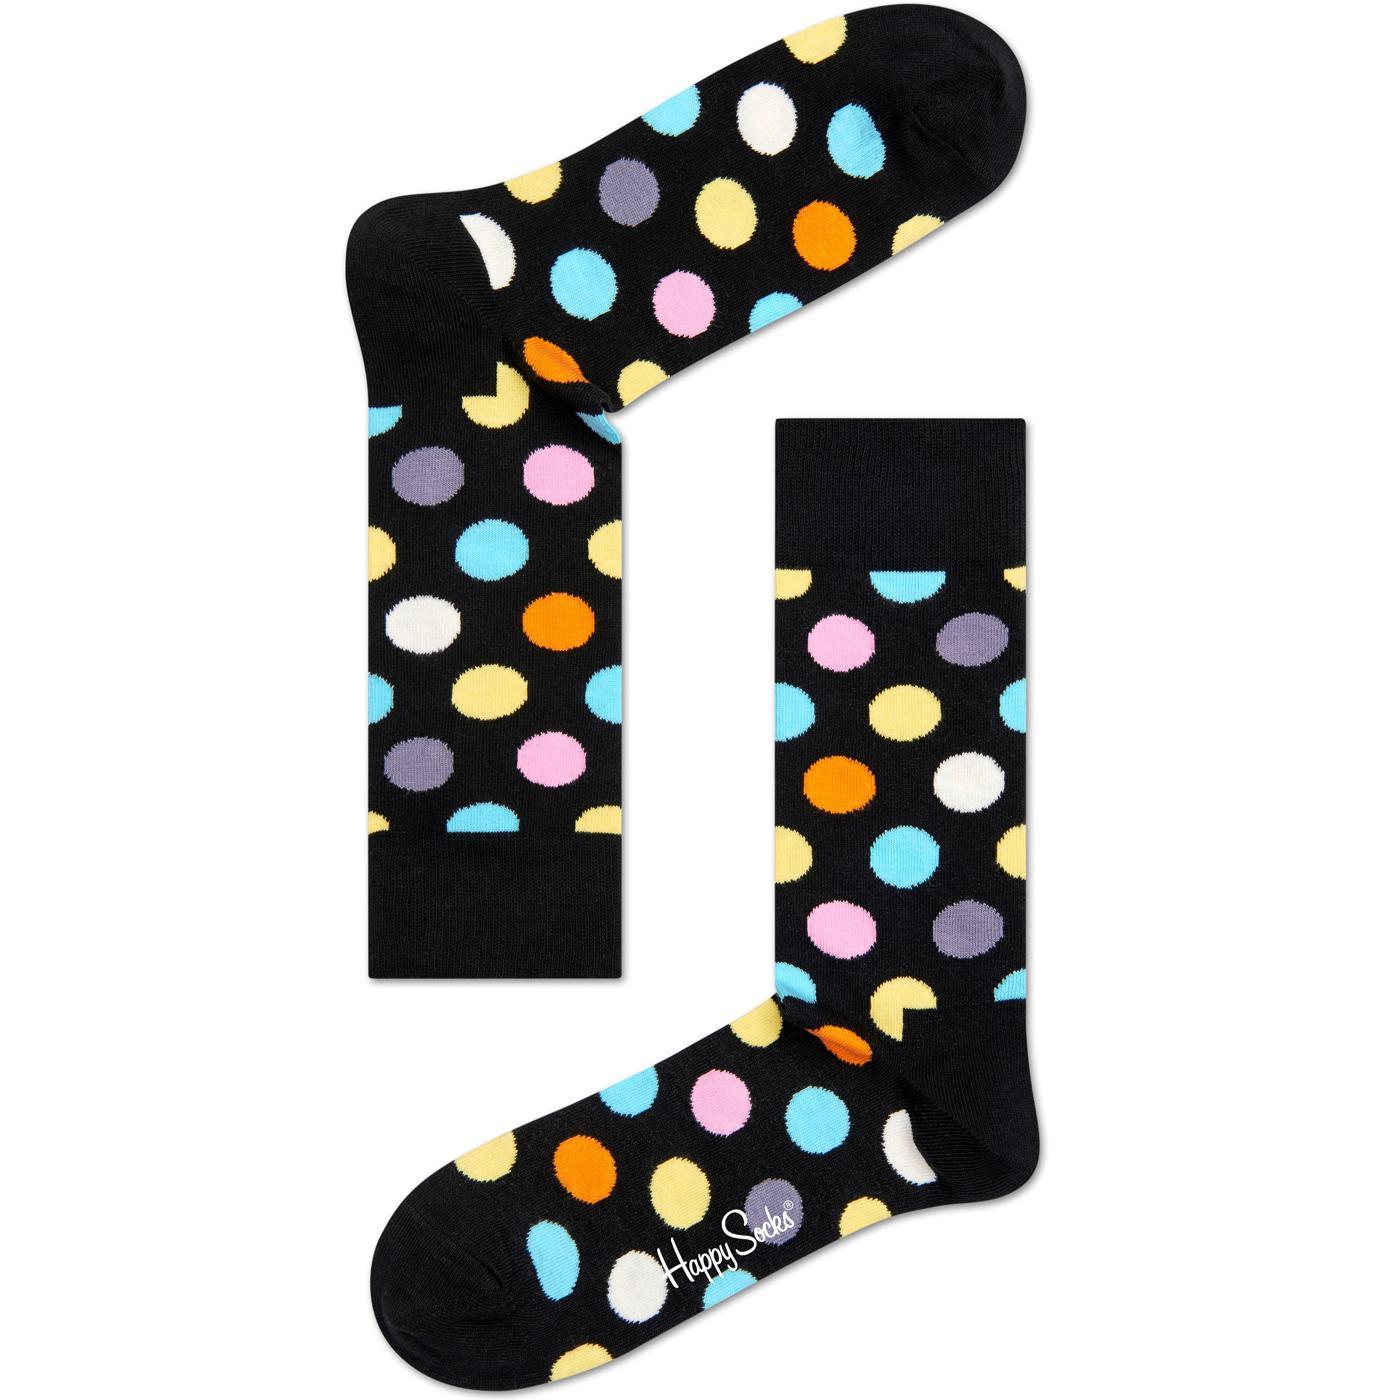 + Big Dot HAPPY SOCKS Mod Polka Dot Socks (Black)